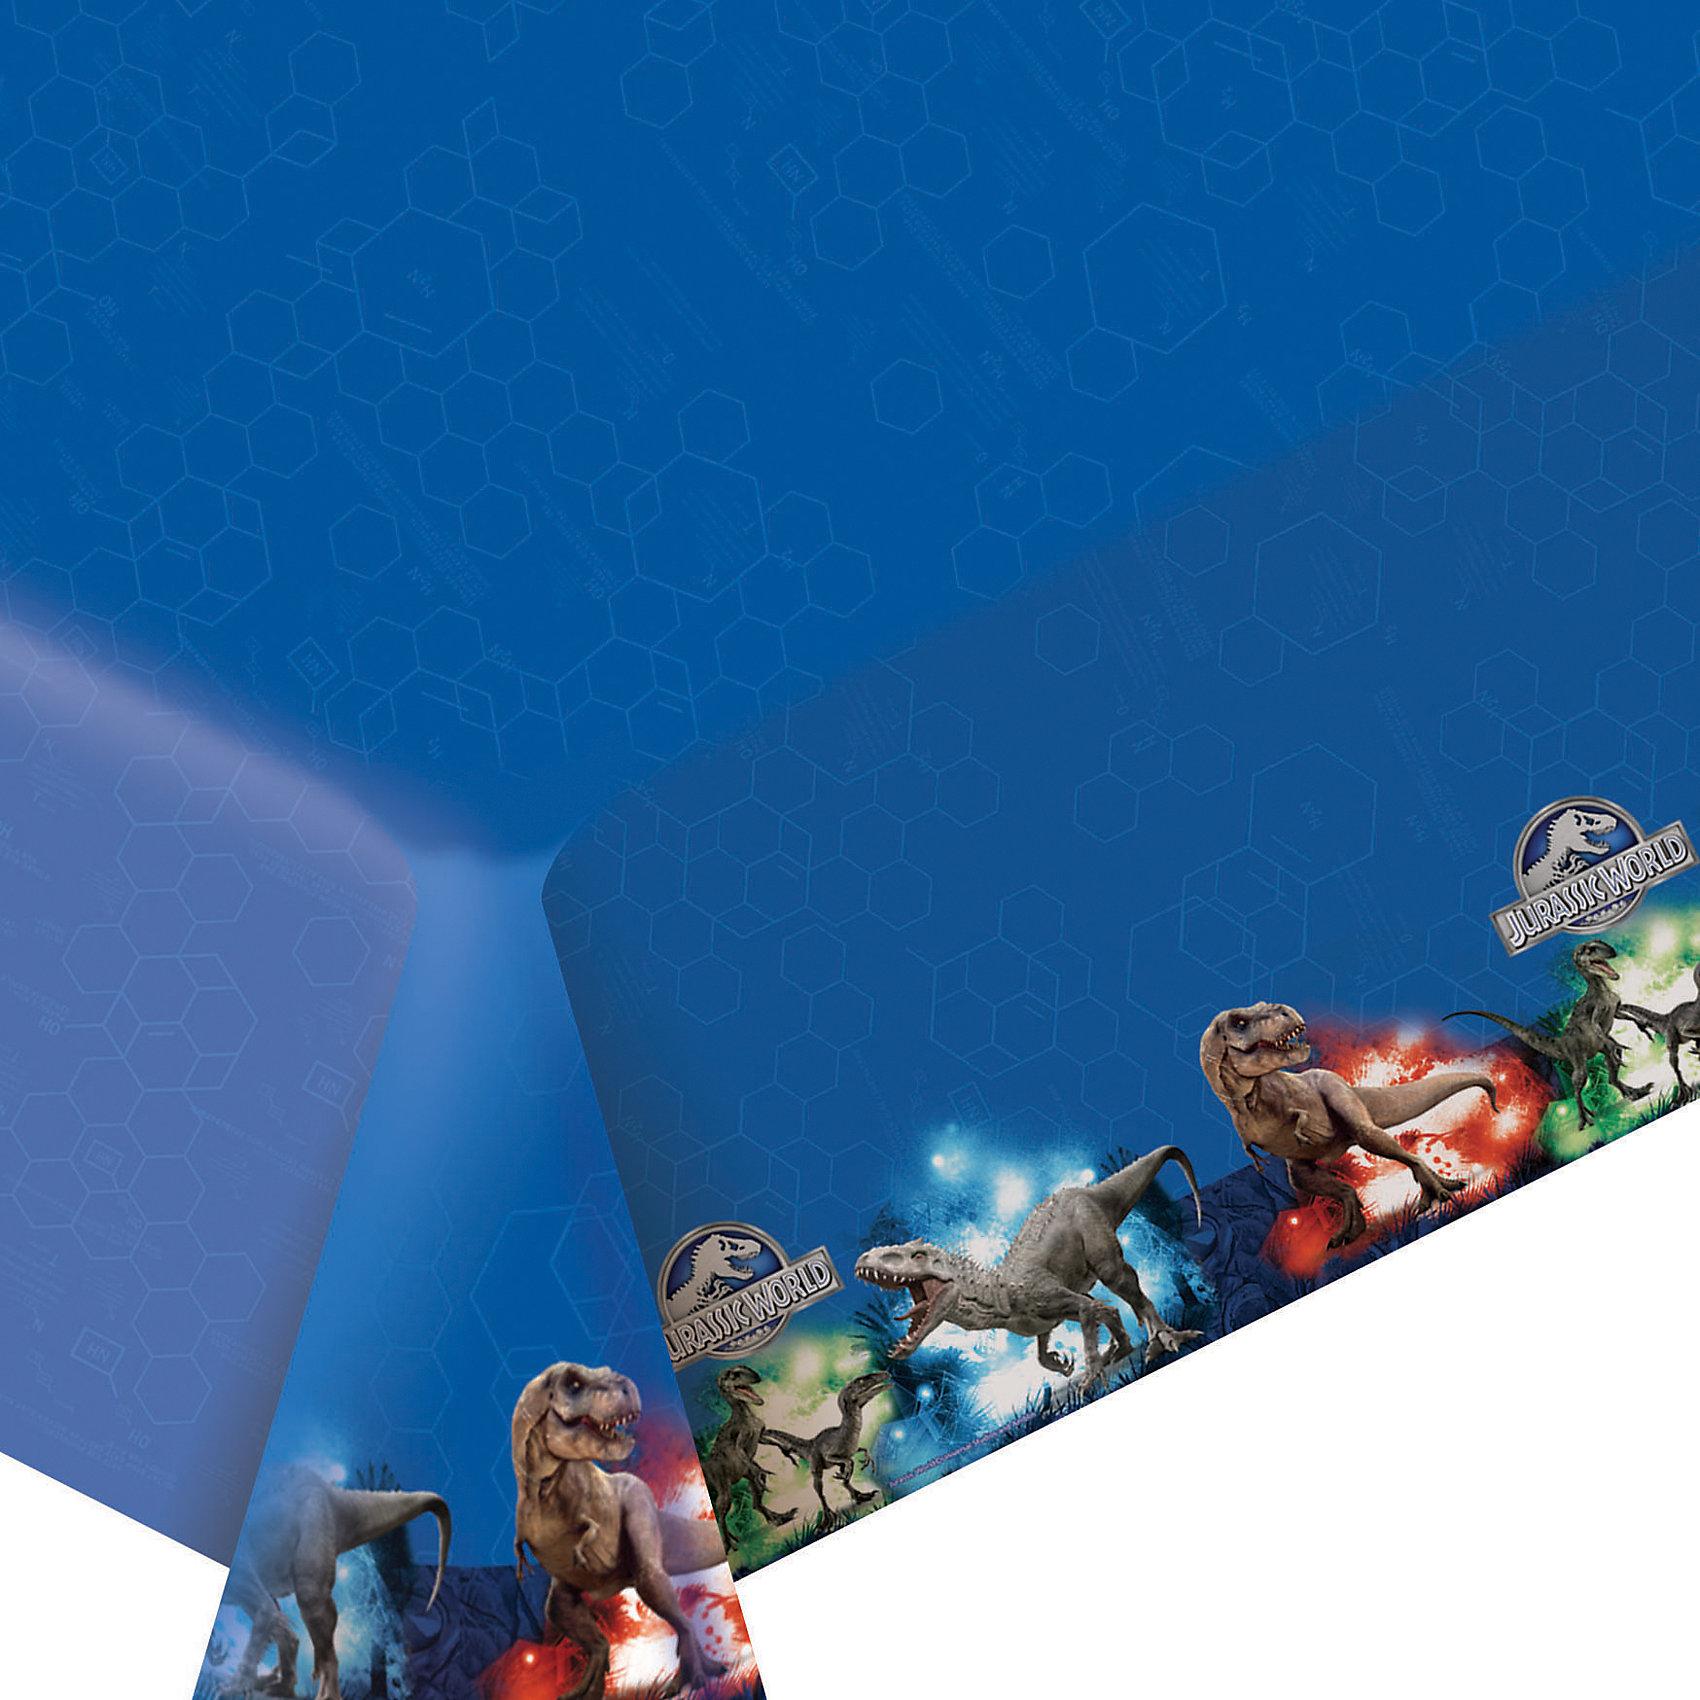 Скатерть Парк Юрского периода 133 * 183 смСалфетки и скатерти<br>Стильная полиэтиленовая скатерть «Парк Юрского периода» размером 133х183 см поможет сделать детское торжество ярче и веселее: она отлично украсит праздничный стол и сохранит его в чистоте. А высокое качество скатерти позволит использовать ее много раз. Вы также можете выбрать другие товары из данной серии: стаканы, тарелки, салфетки, язычки, колпаки, маски, приглашение в конверте, маски, пакеты и др.<br><br>Ширина мм: 425<br>Глубина мм: 180<br>Высота мм: 2<br>Вес г: 106<br>Возраст от месяцев: 48<br>Возраст до месяцев: 120<br>Пол: Унисекс<br>Возраст: Детский<br>SKU: 4637463